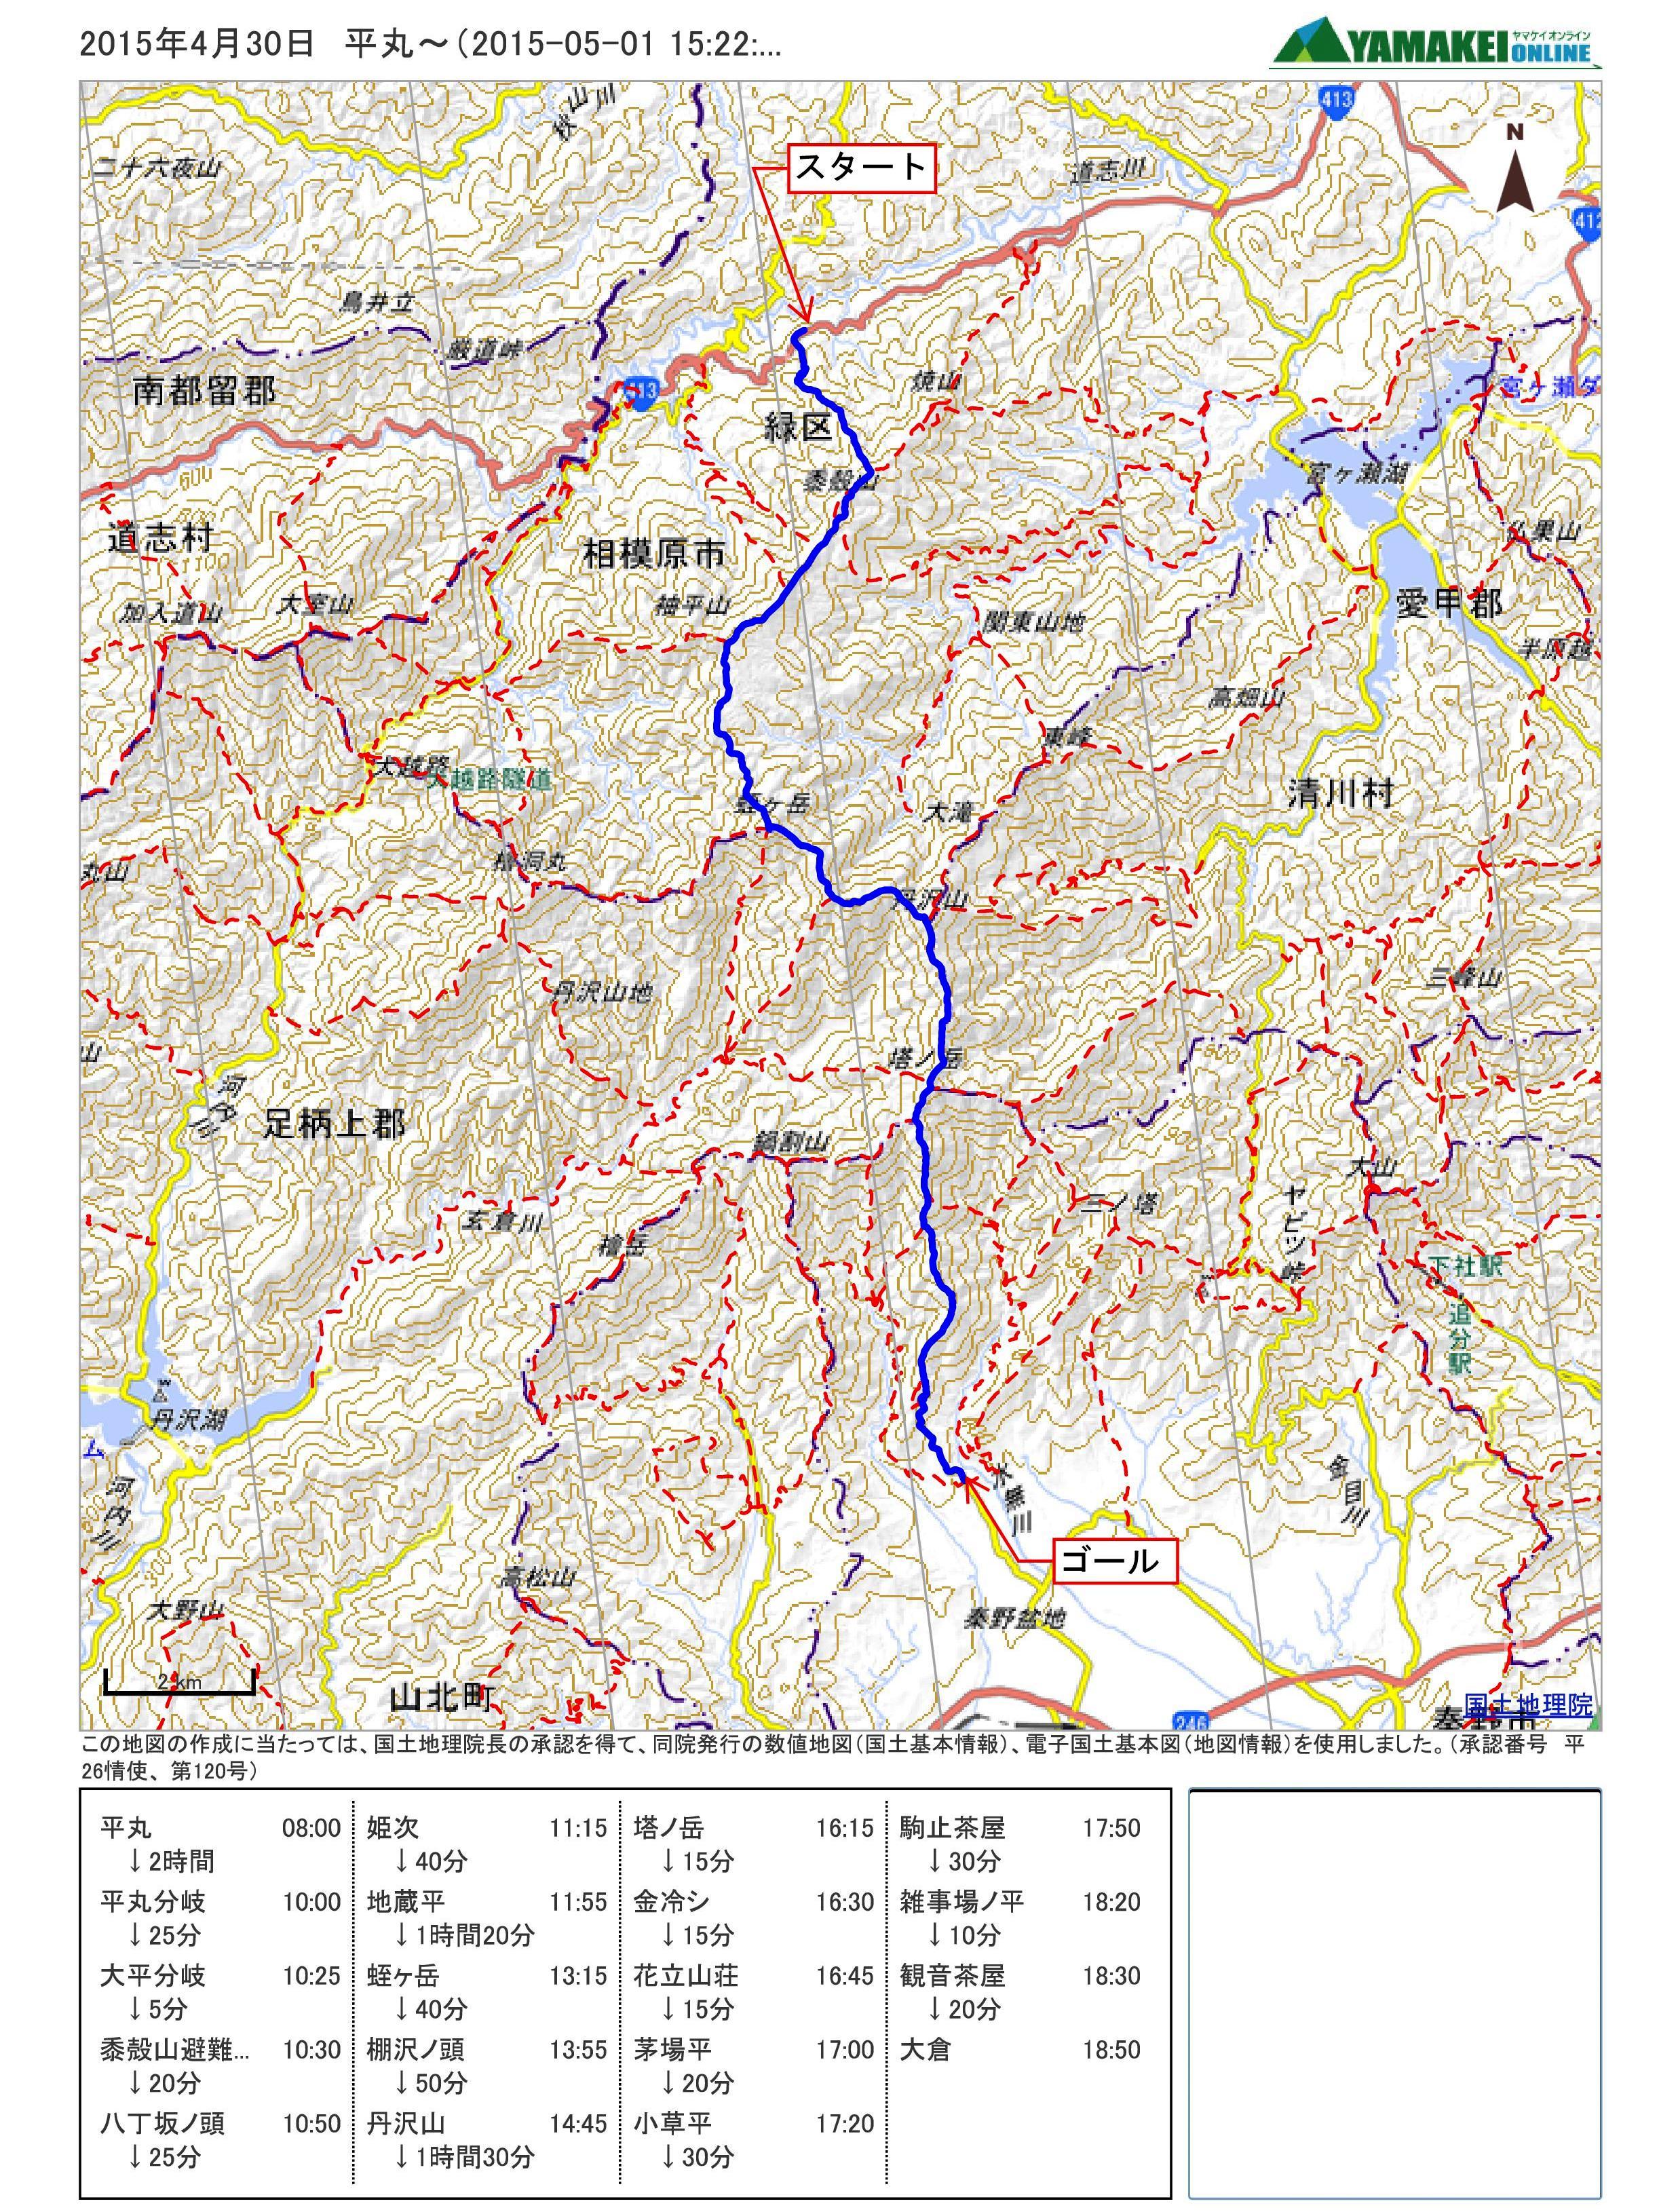 1-コースタイム&登山計画